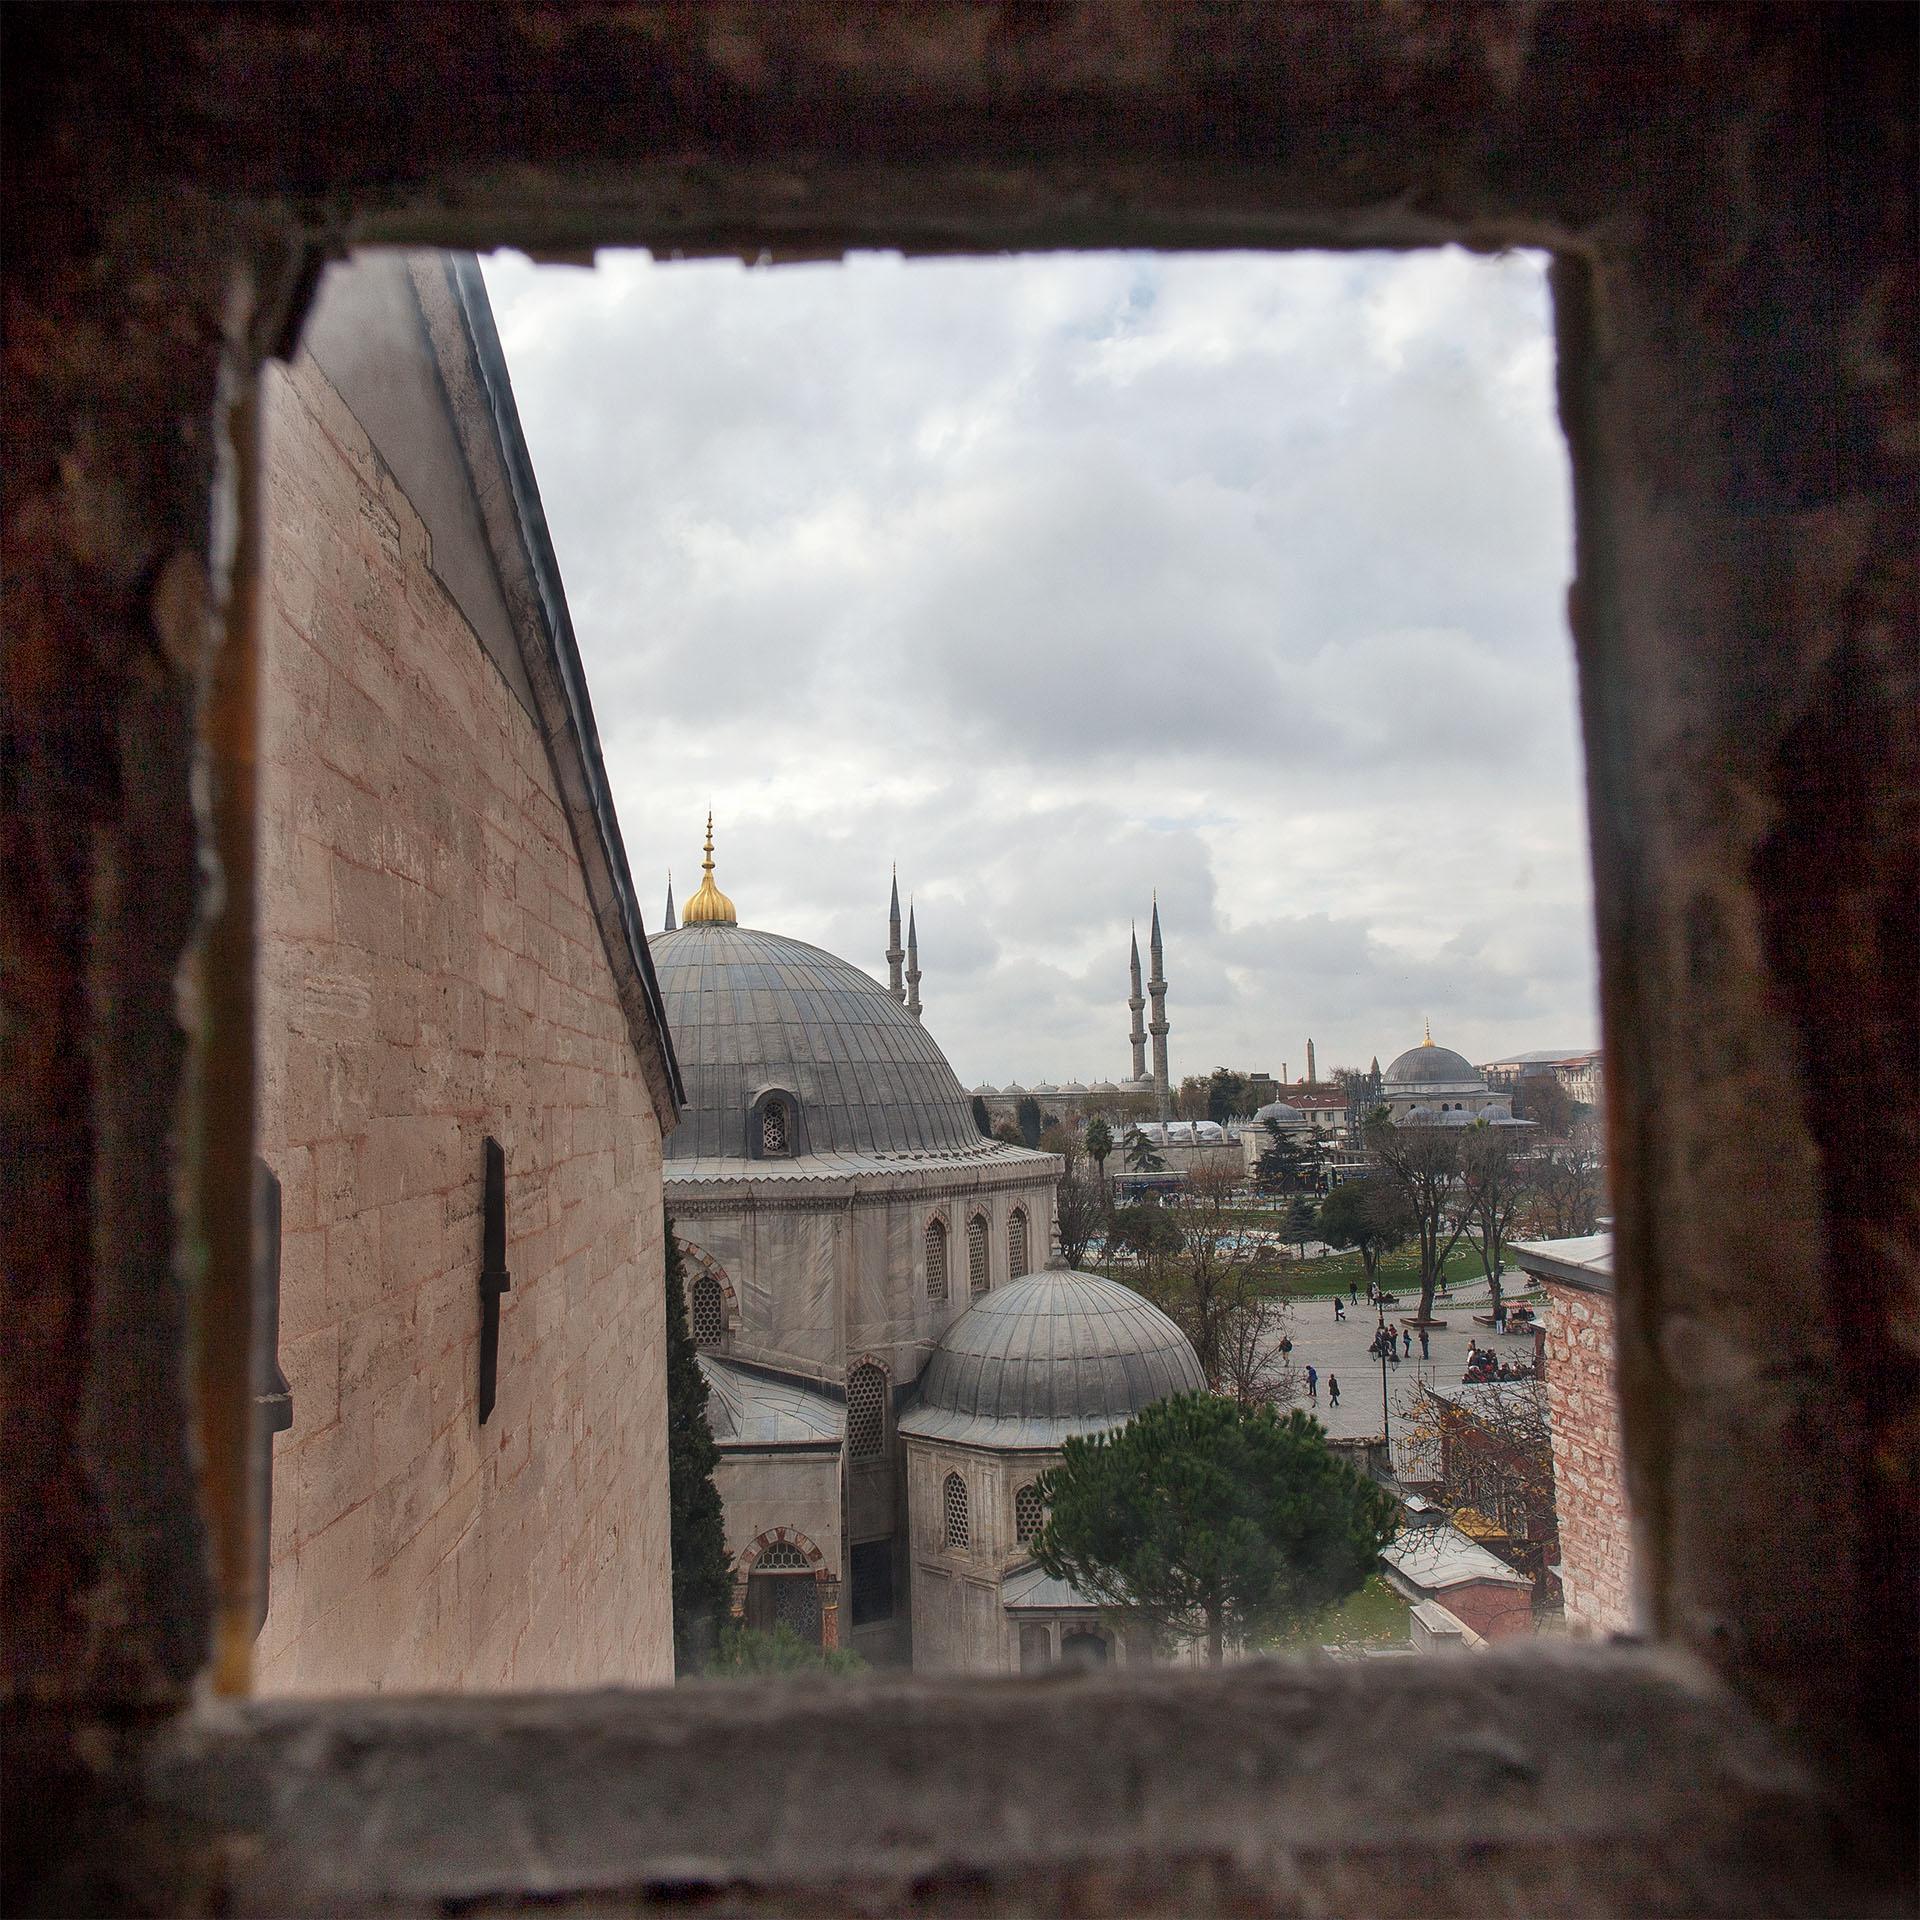 Blue Mosque from Hagia Sophia.